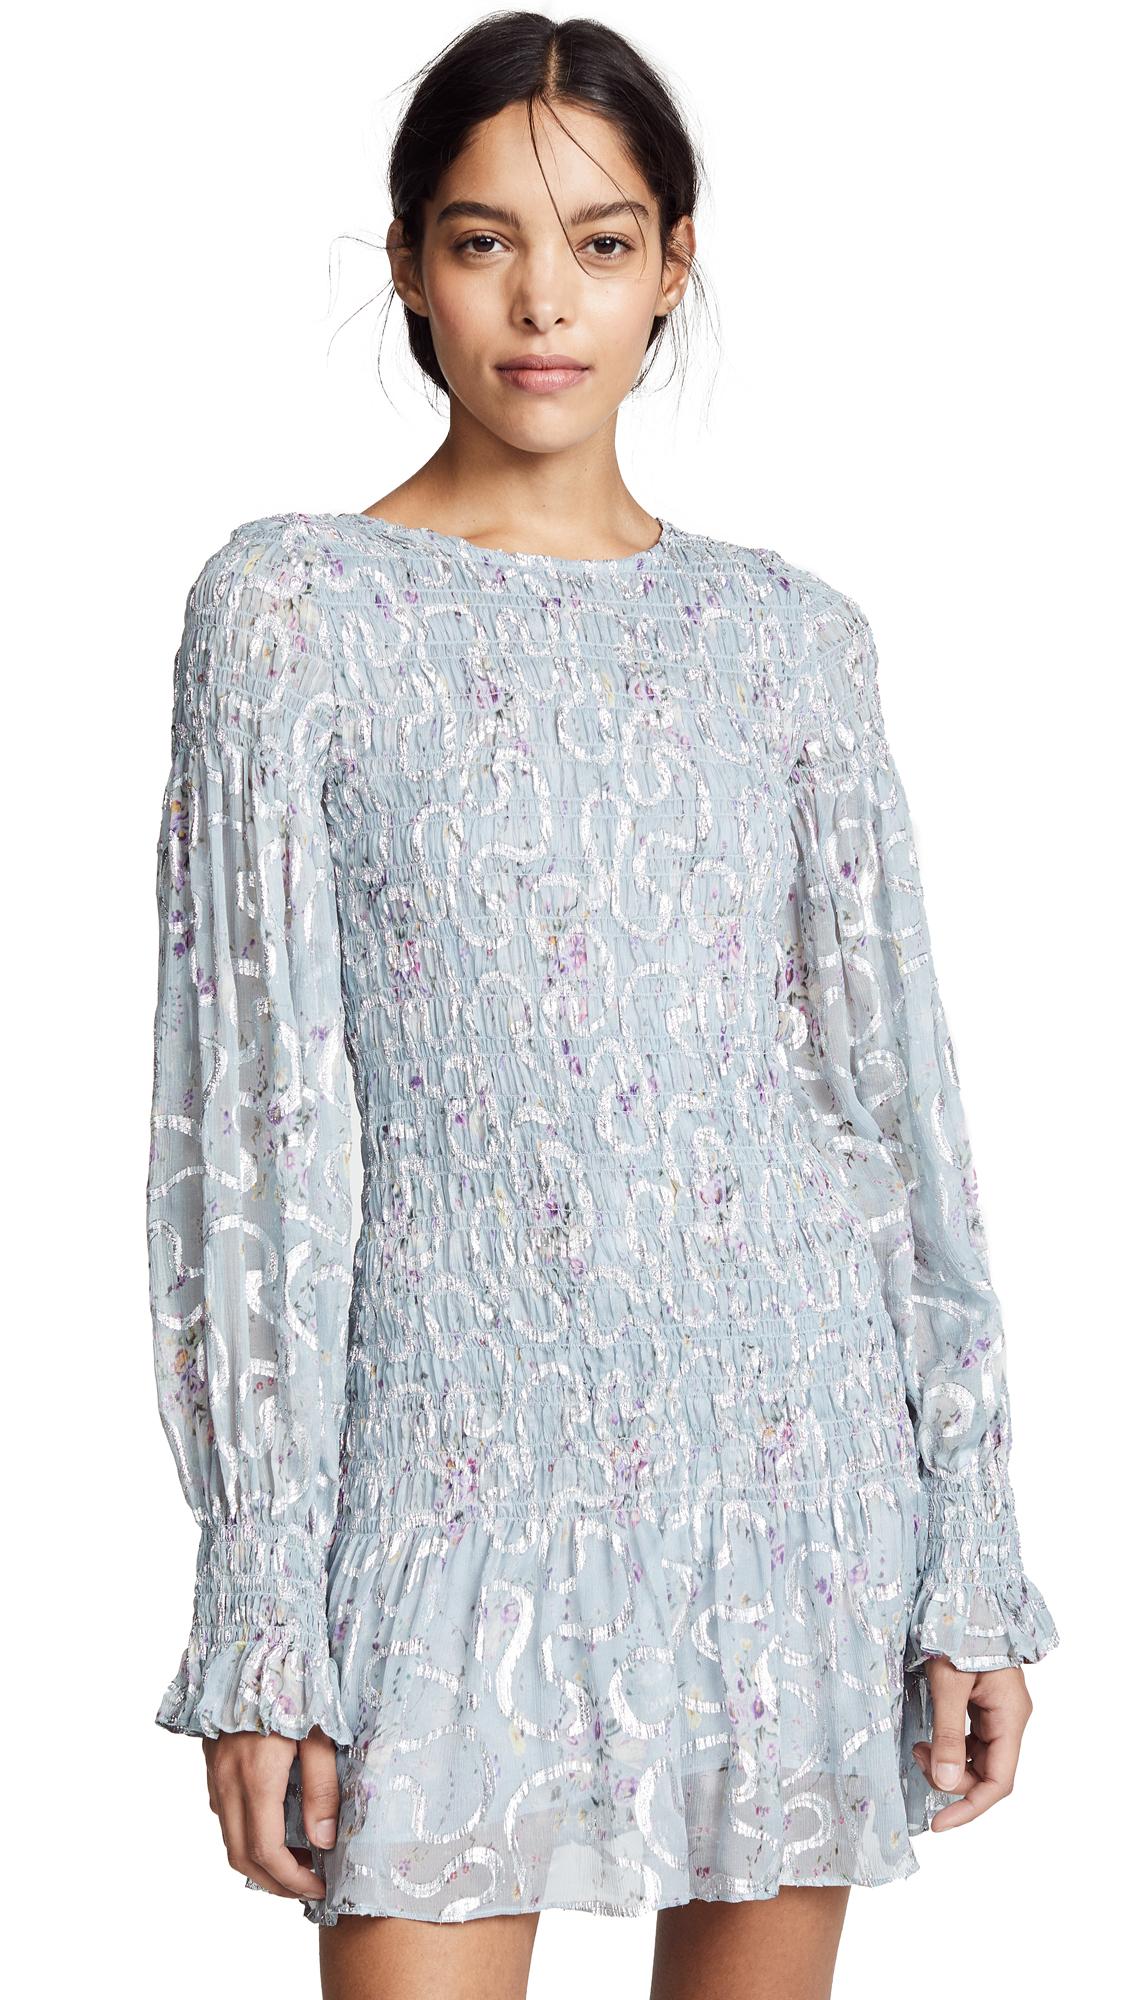 LOVESHACKFANCY Scarlett Mini Dress - Silver Lake